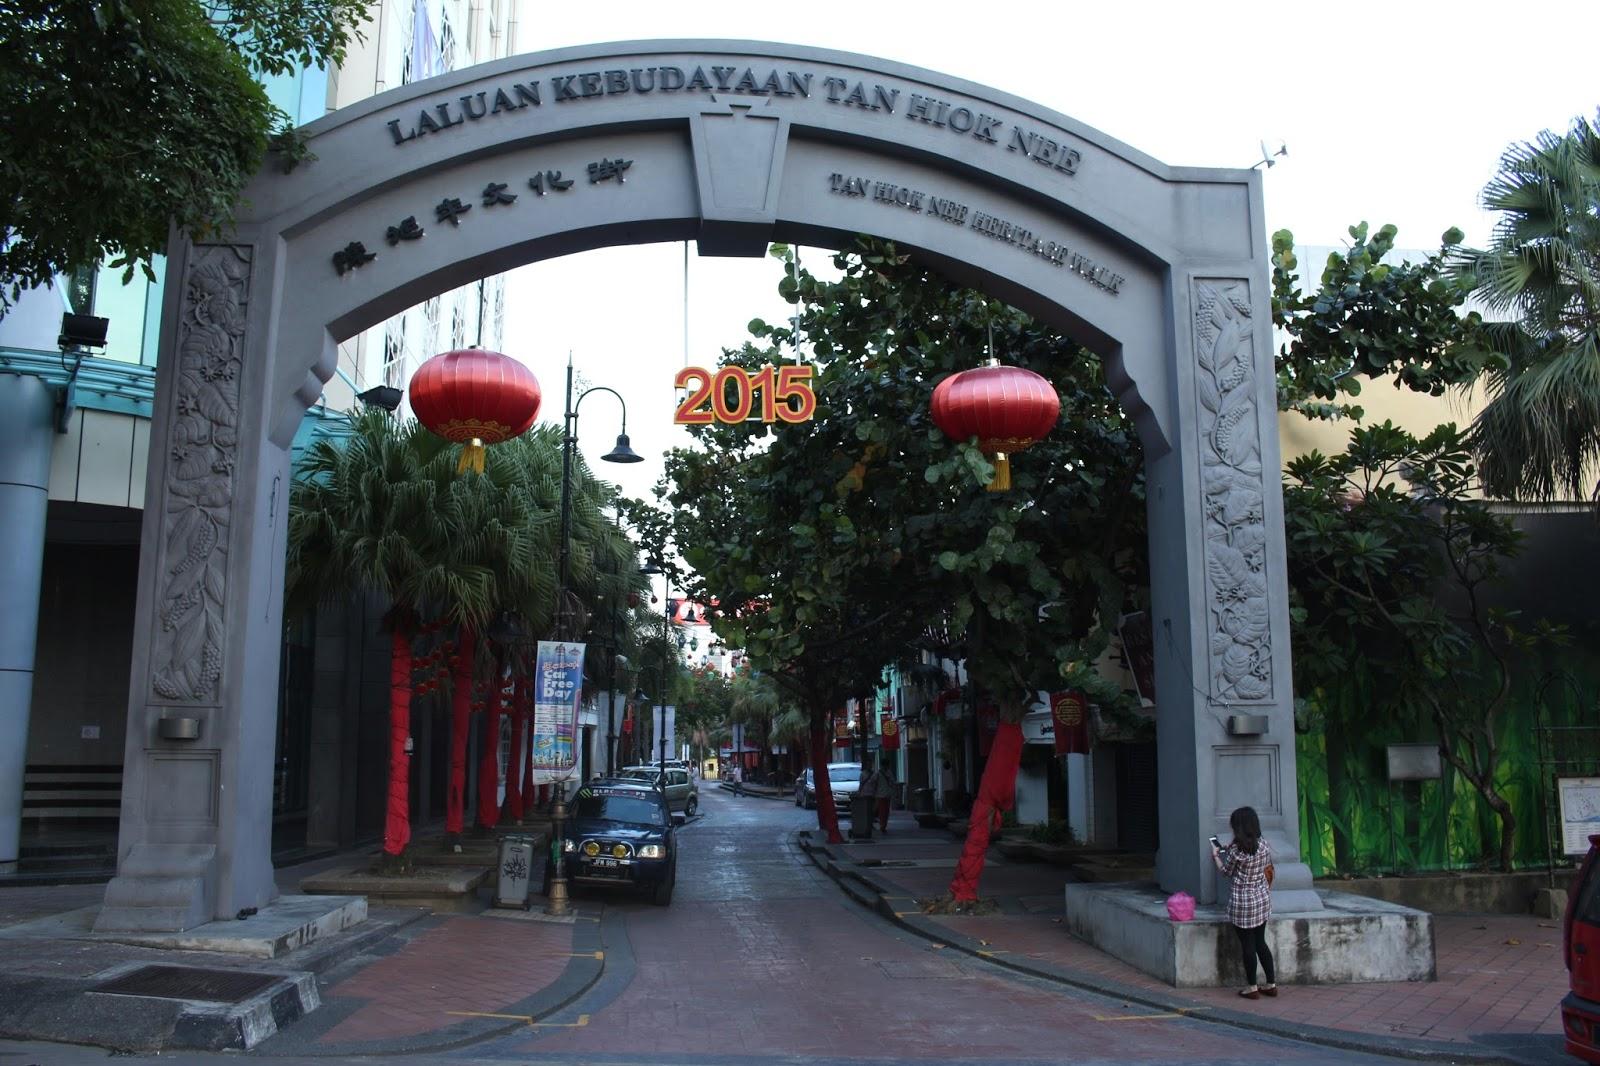 陳旭年街——屬于新山華人的文化街